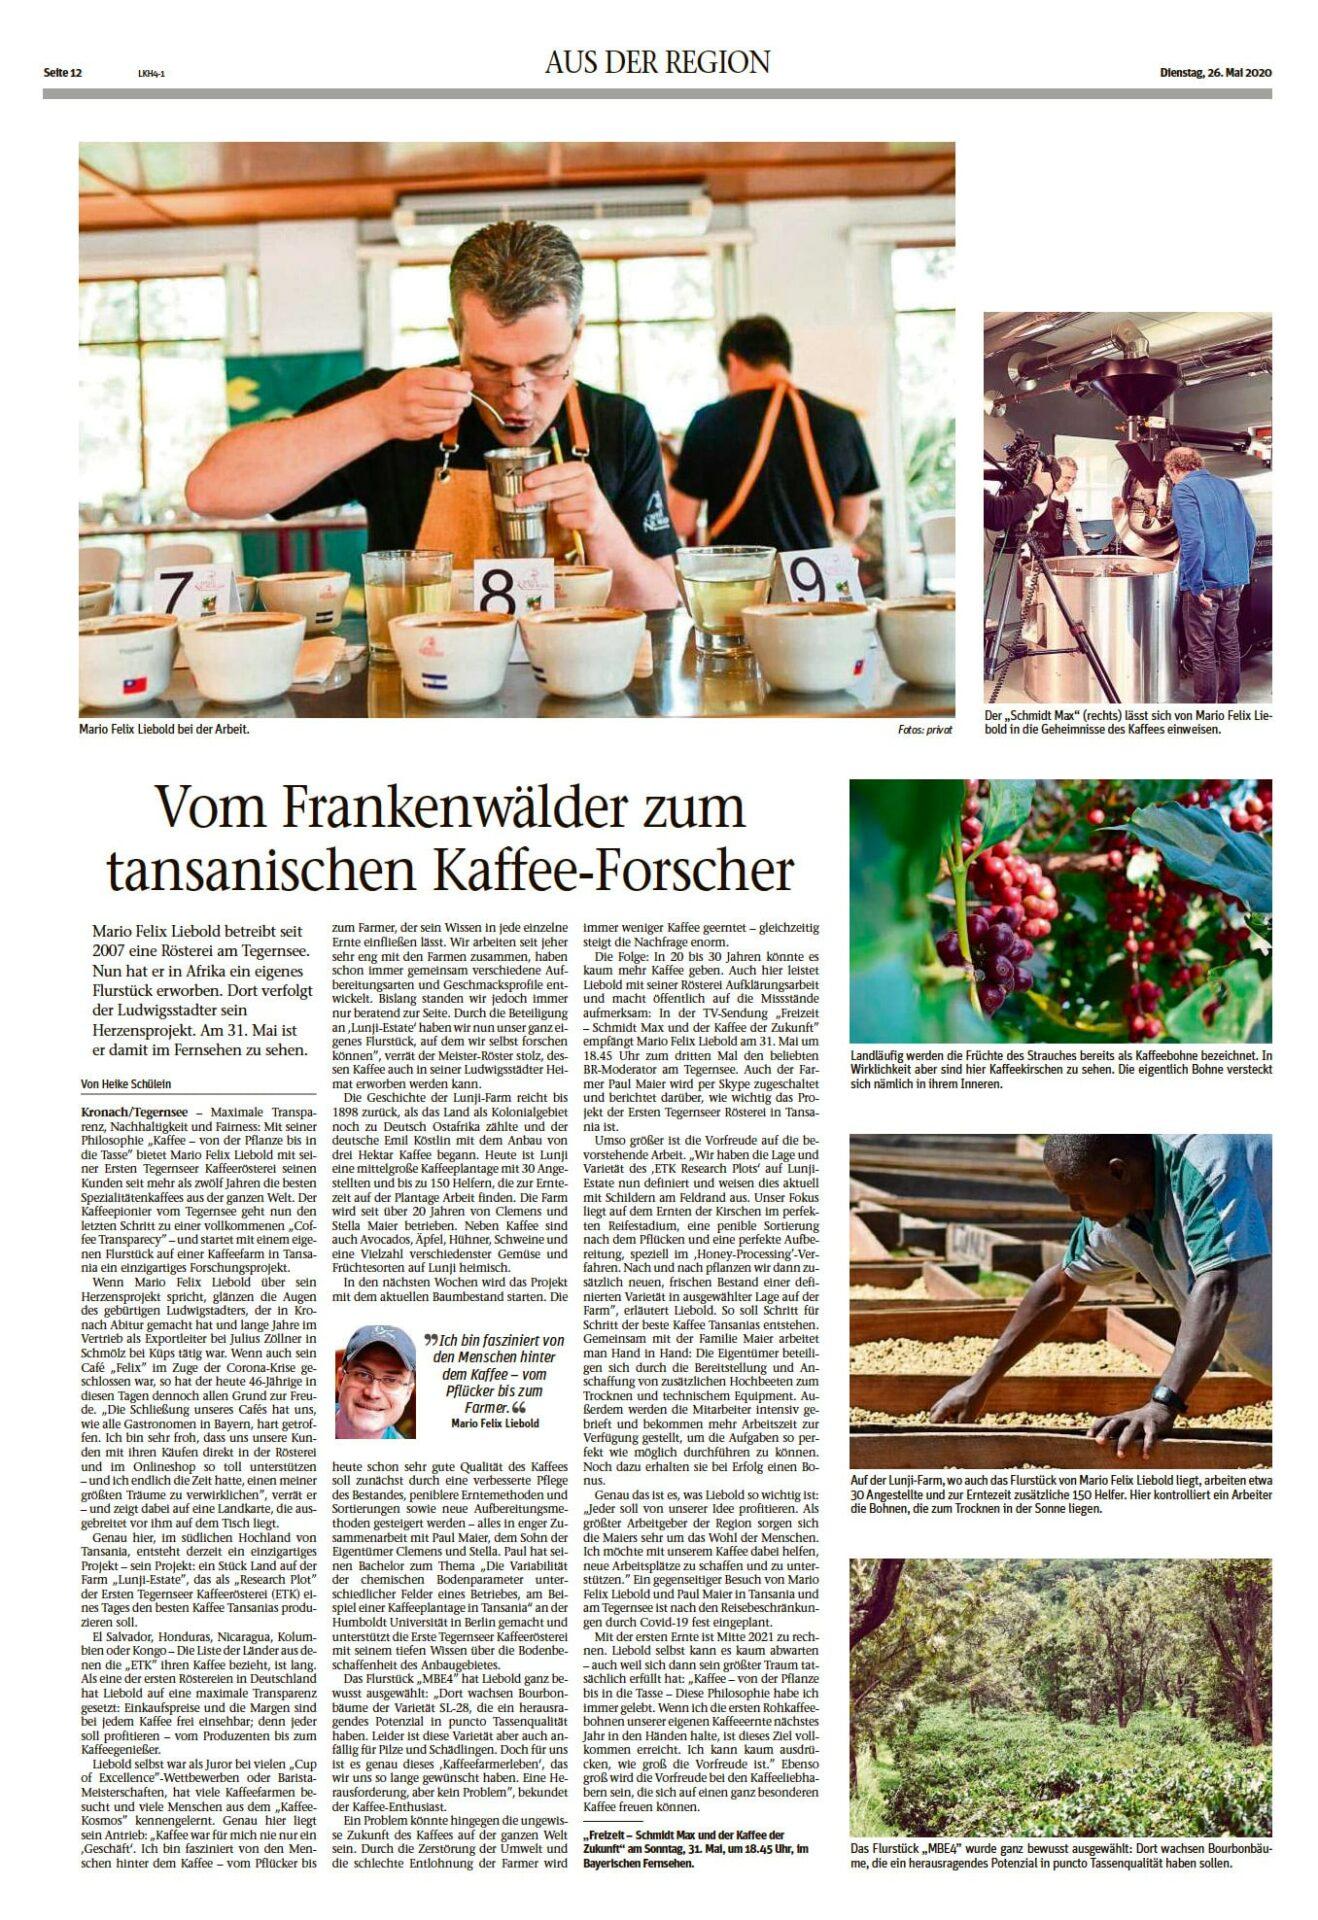 Vom Frankenwälder zum tansanischen Kaffee-Forscher